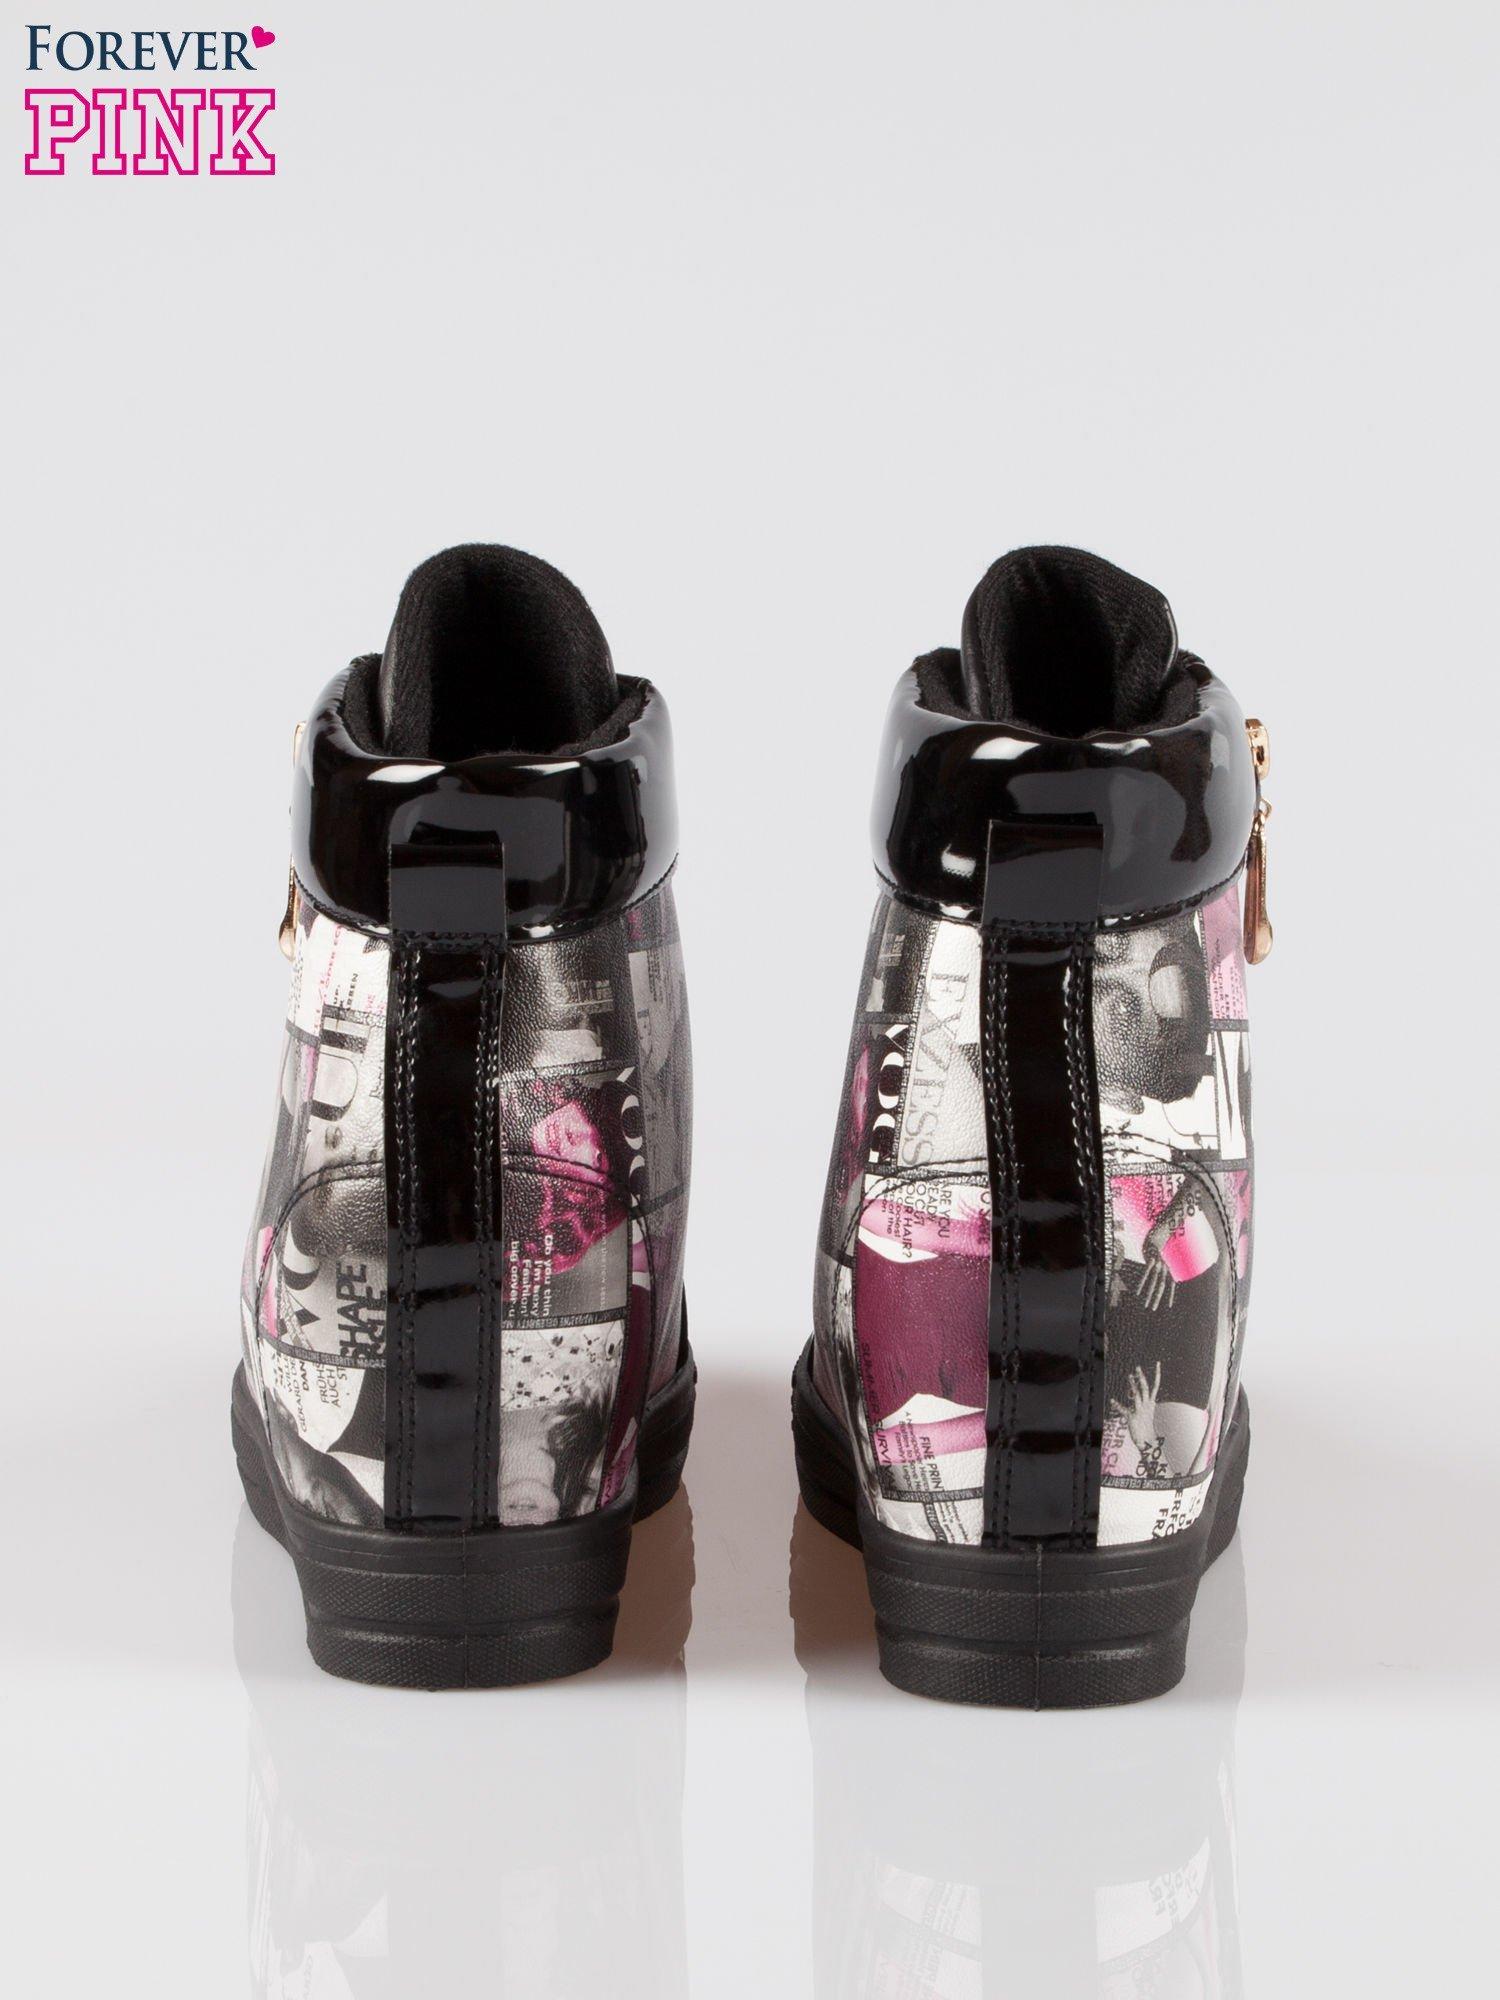 Czarne sneakersy damskie z nadrukiem magazine print Everywhere                                  zdj.                                  3